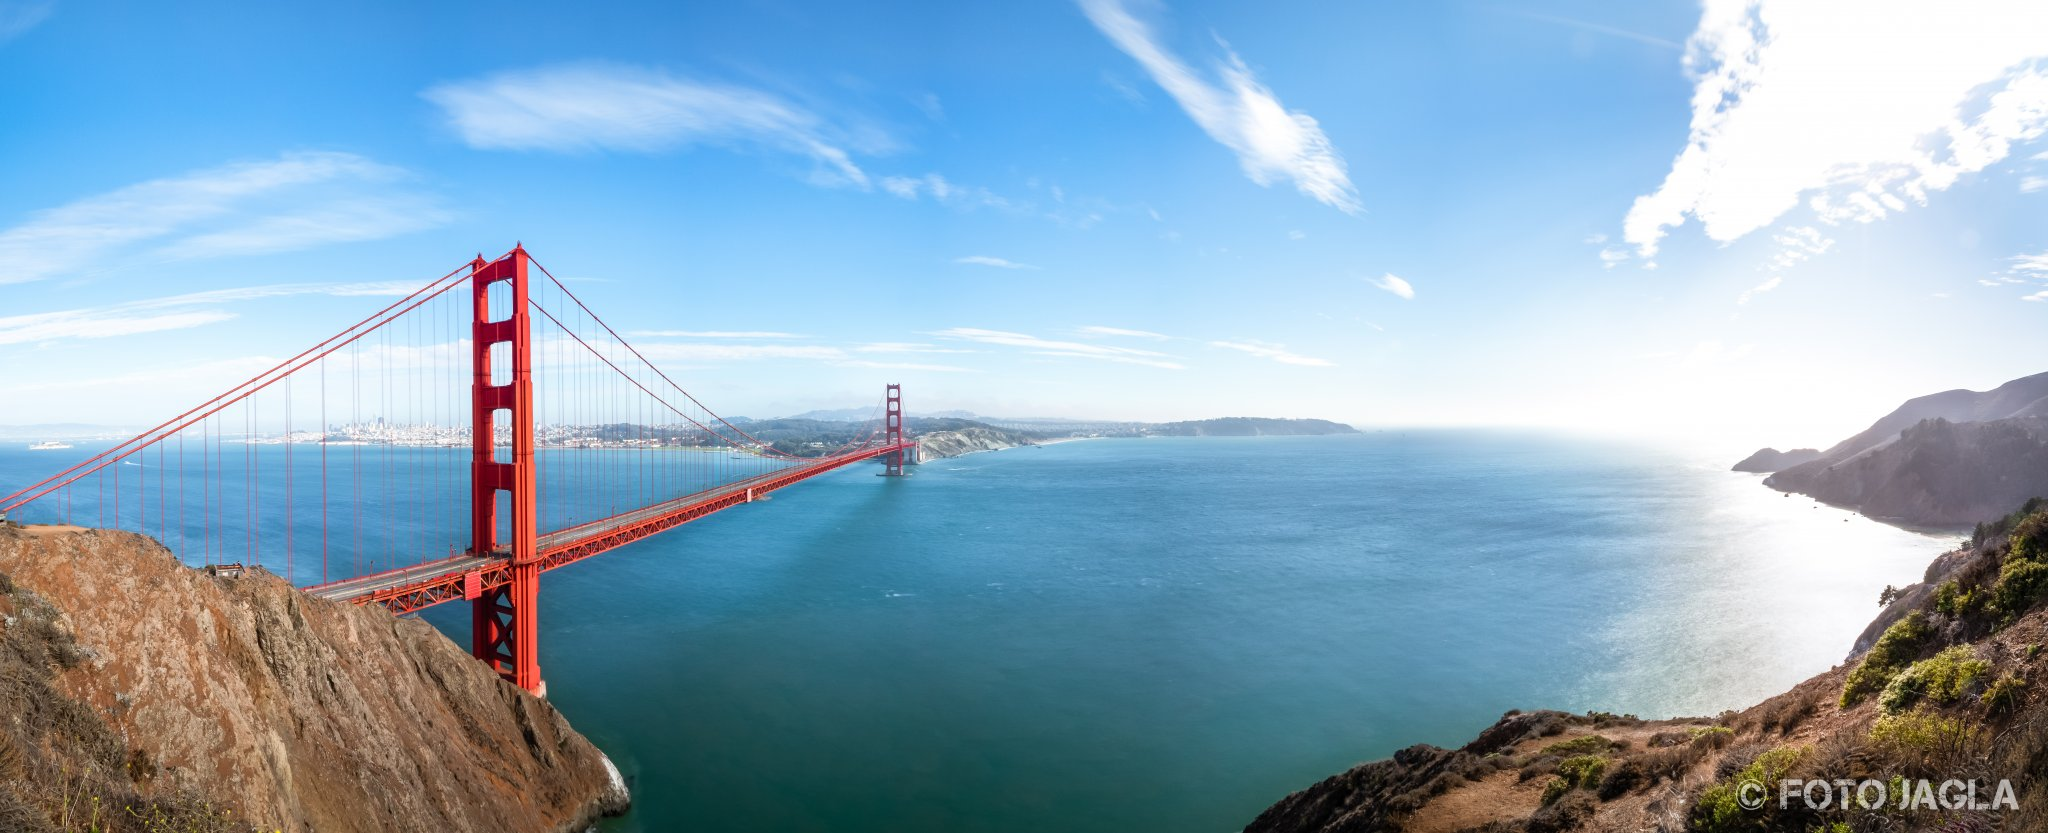 Kalifornien - September 2018 Golden Gate Bridge - Die Brücke über das goldene Tor San Francisco - Battery Spencer